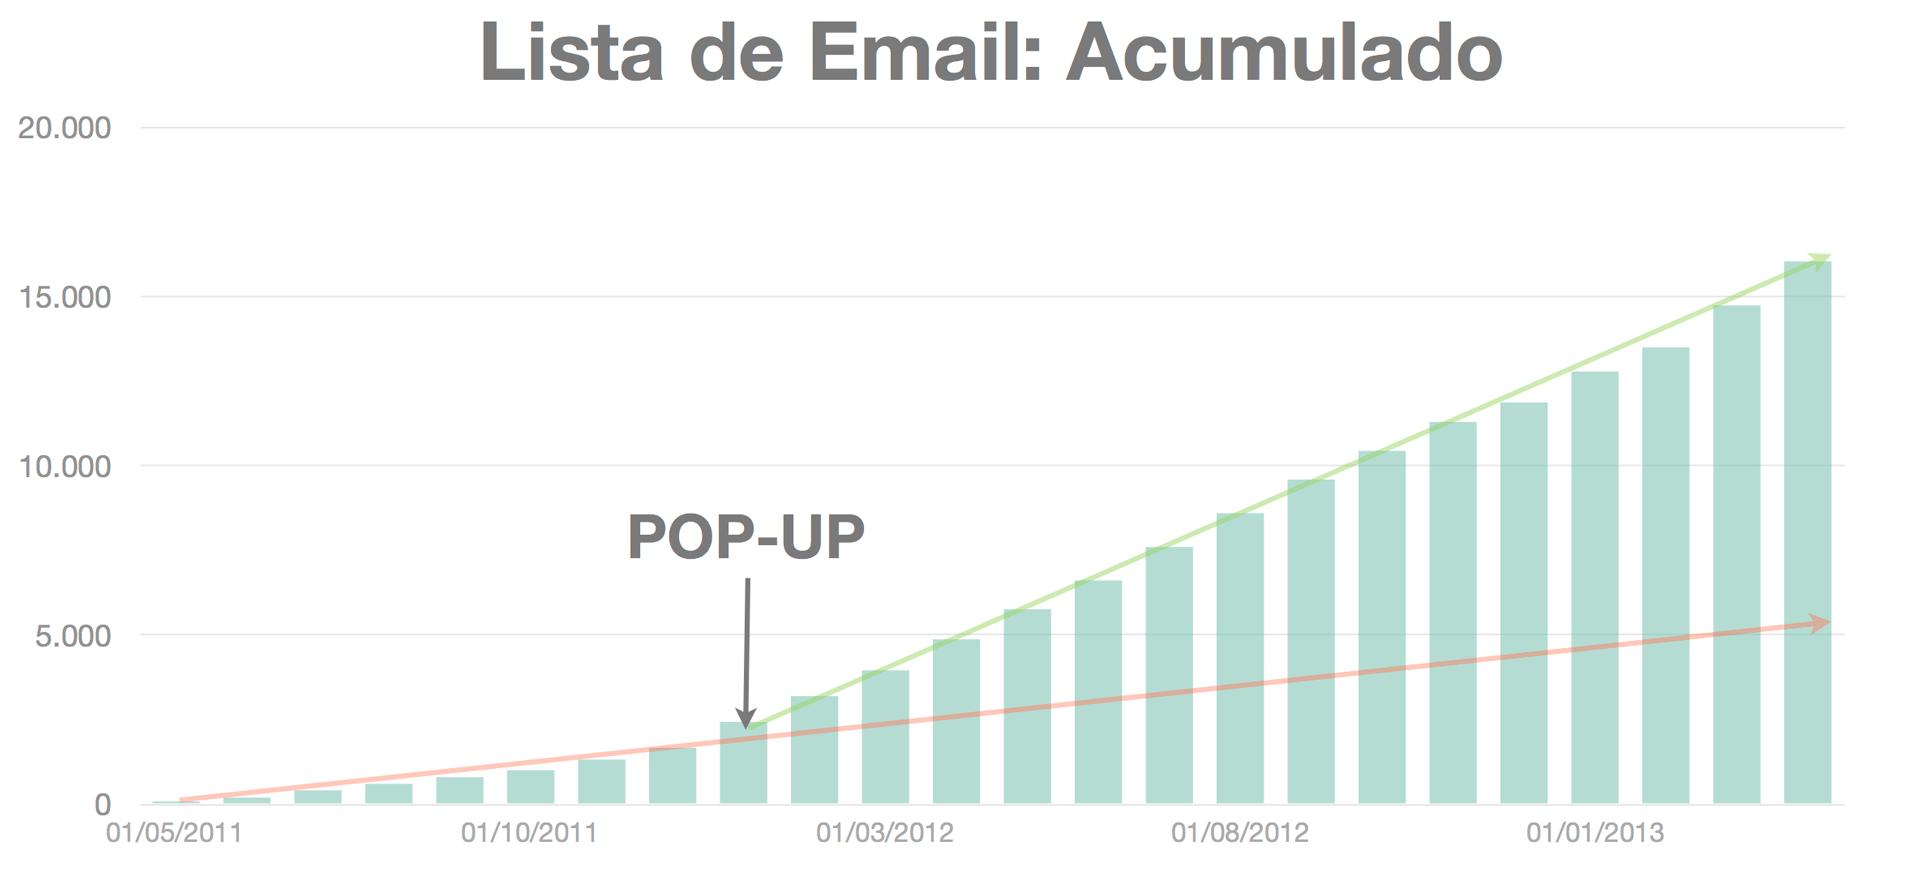 lista de email acumulado O Poder do Email Marketing: Como Criar uma Lista de Email Poderosa